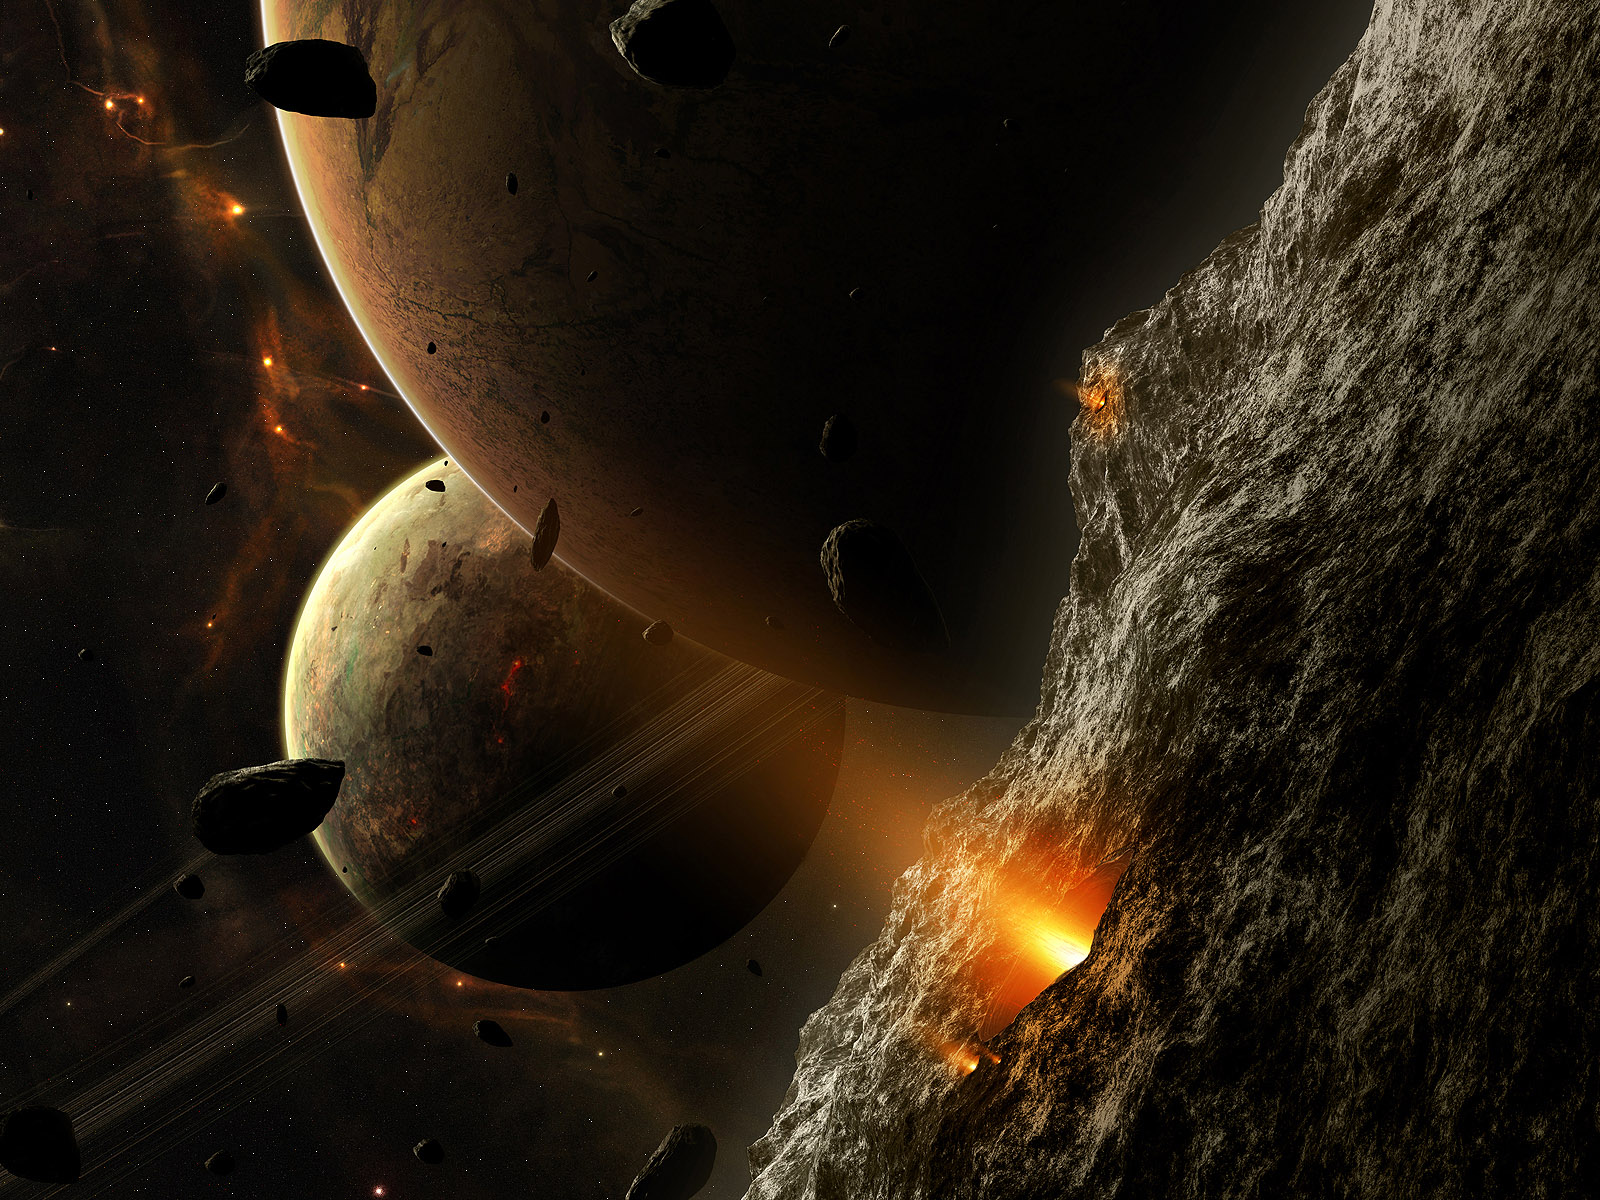 Imagen: http://www.cmceluniverso.blogspot.com